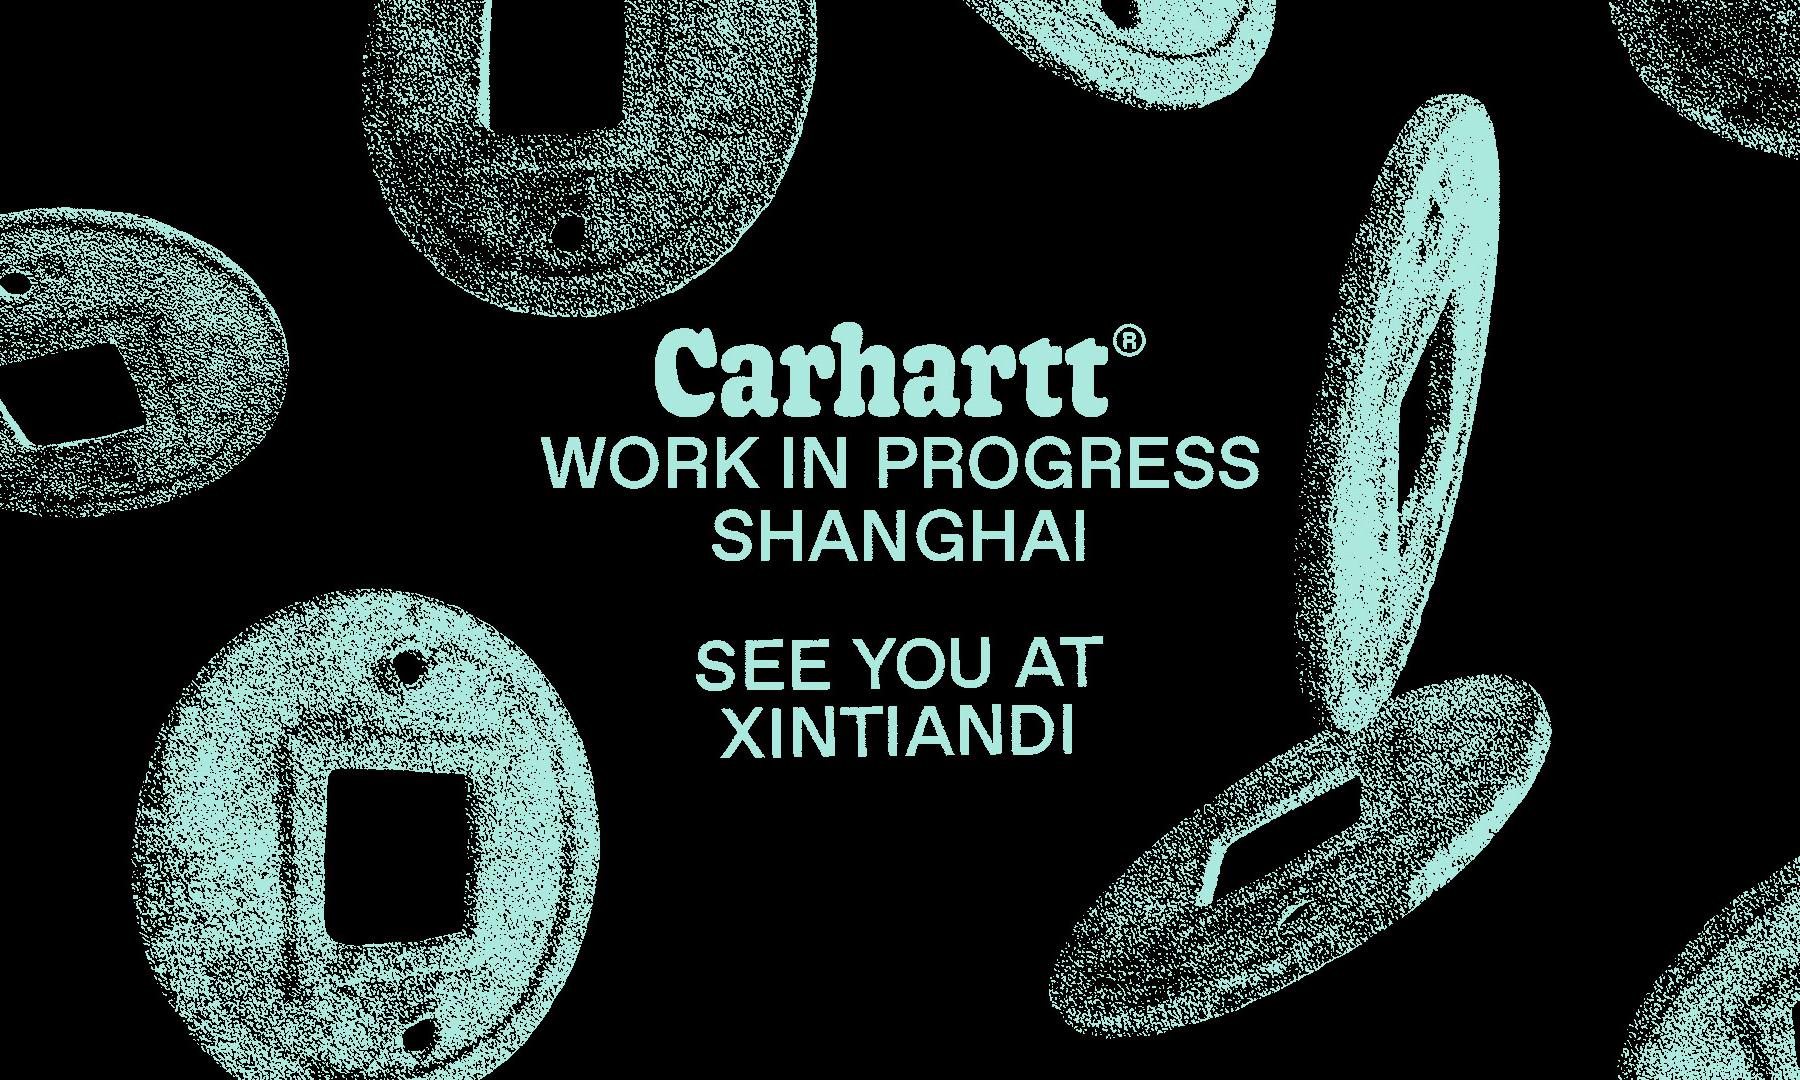 Carhartt WIP 回归上海,于新天地开设品牌旗舰店